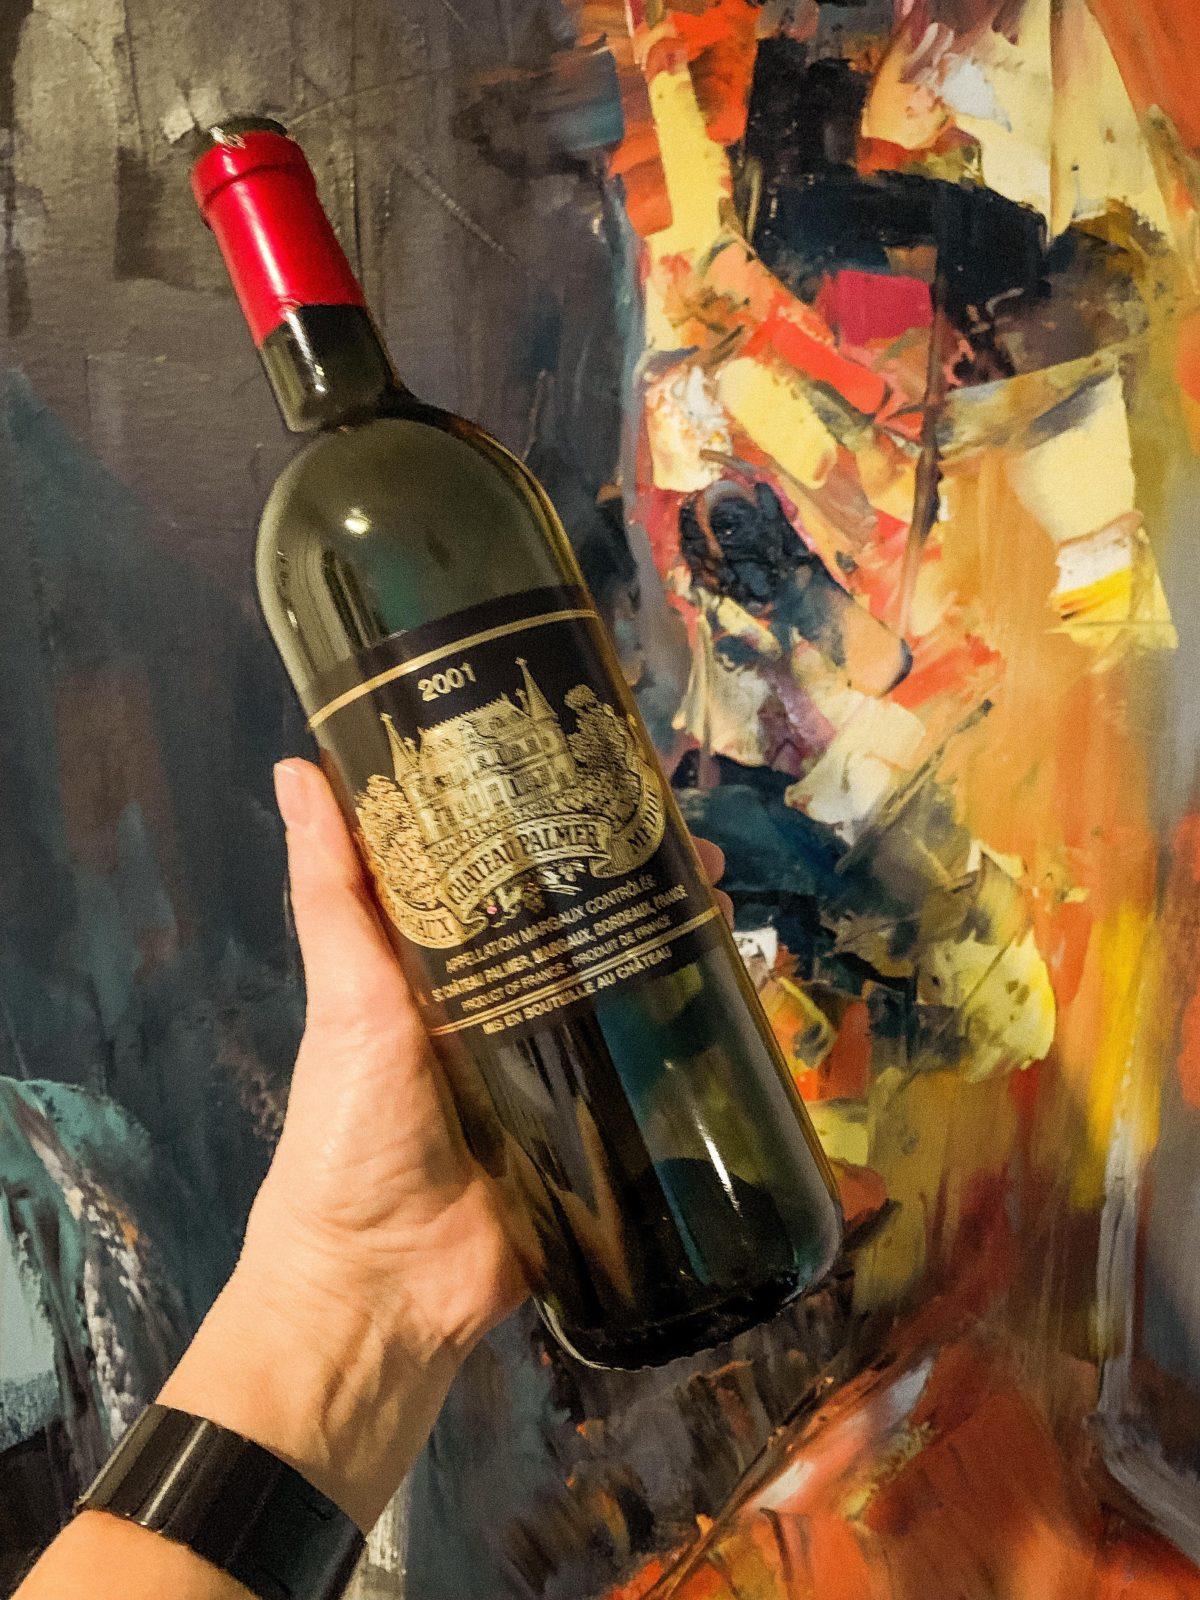 Chateau Margaux Palmer 2001 Bordeaux Review